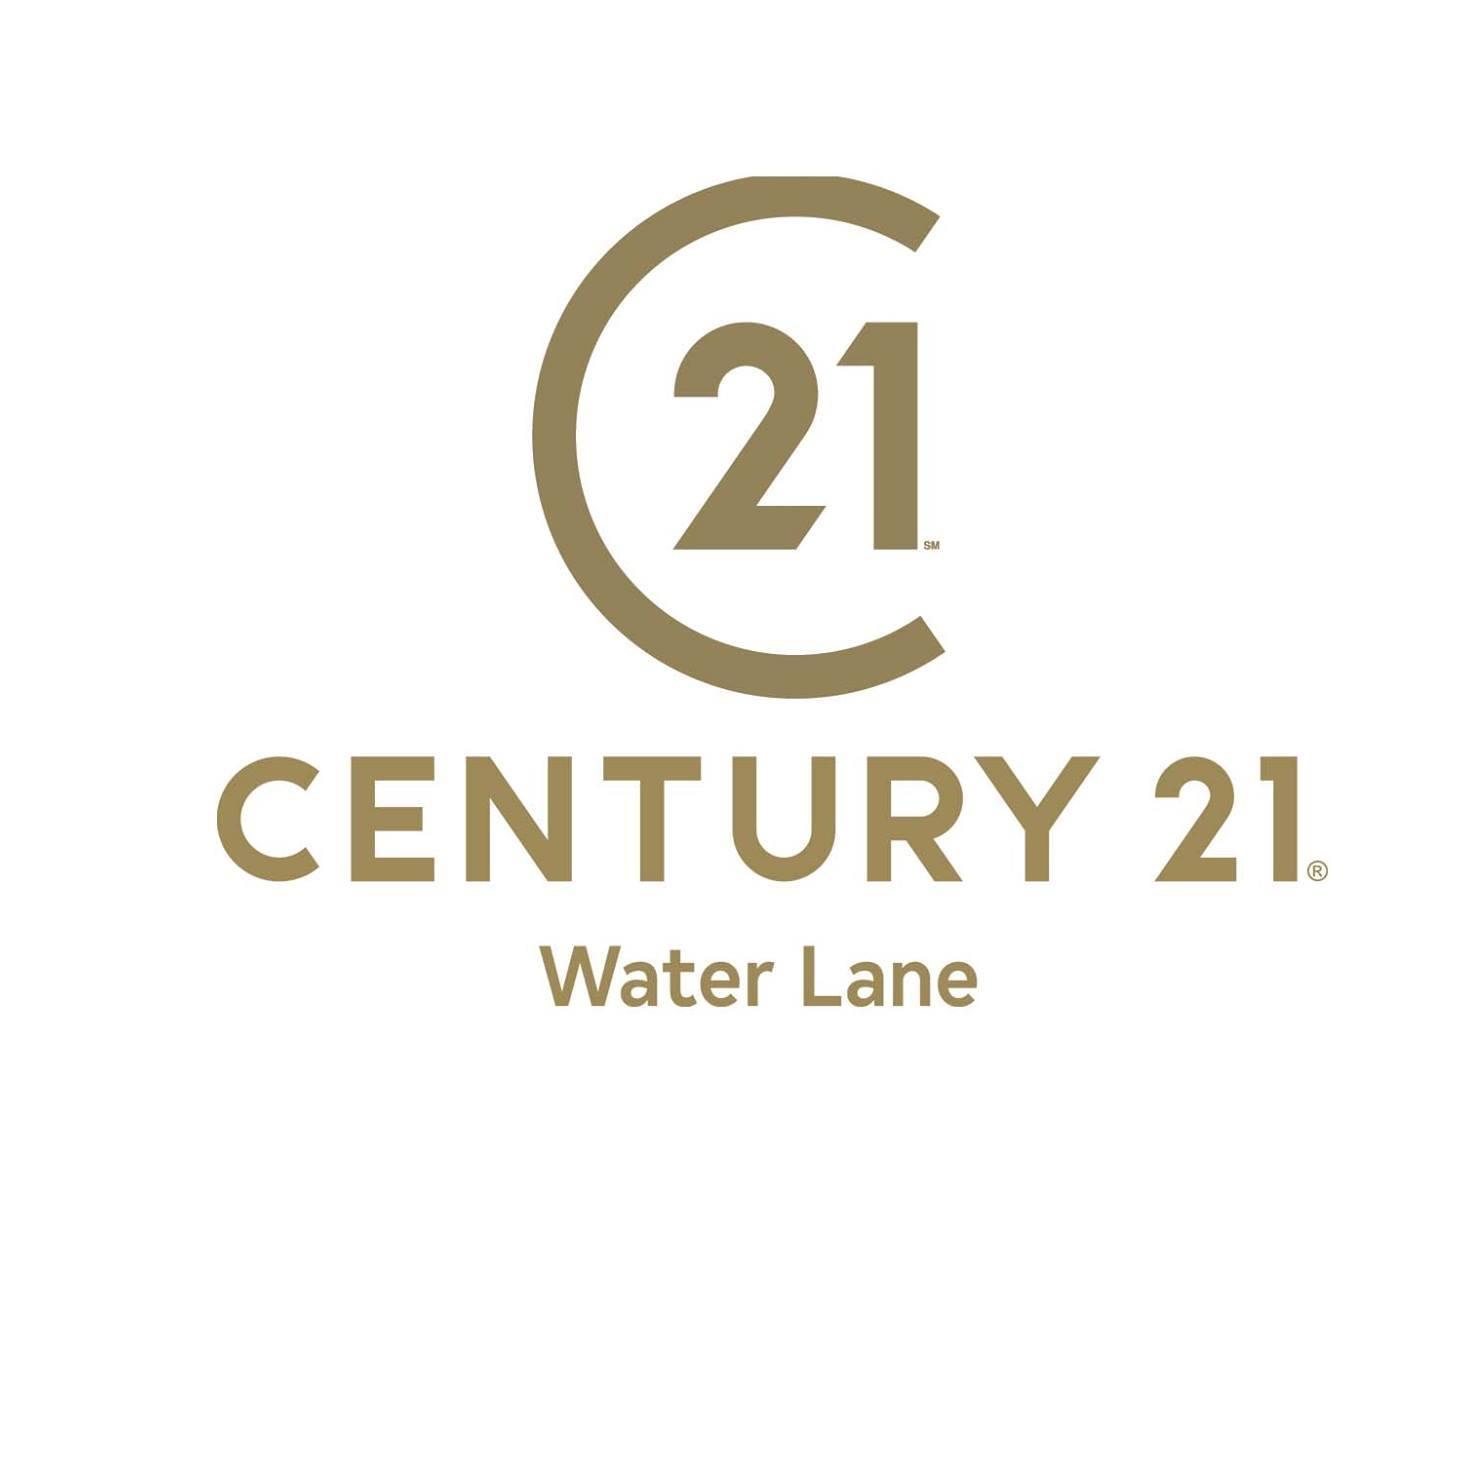 C21 waterlane